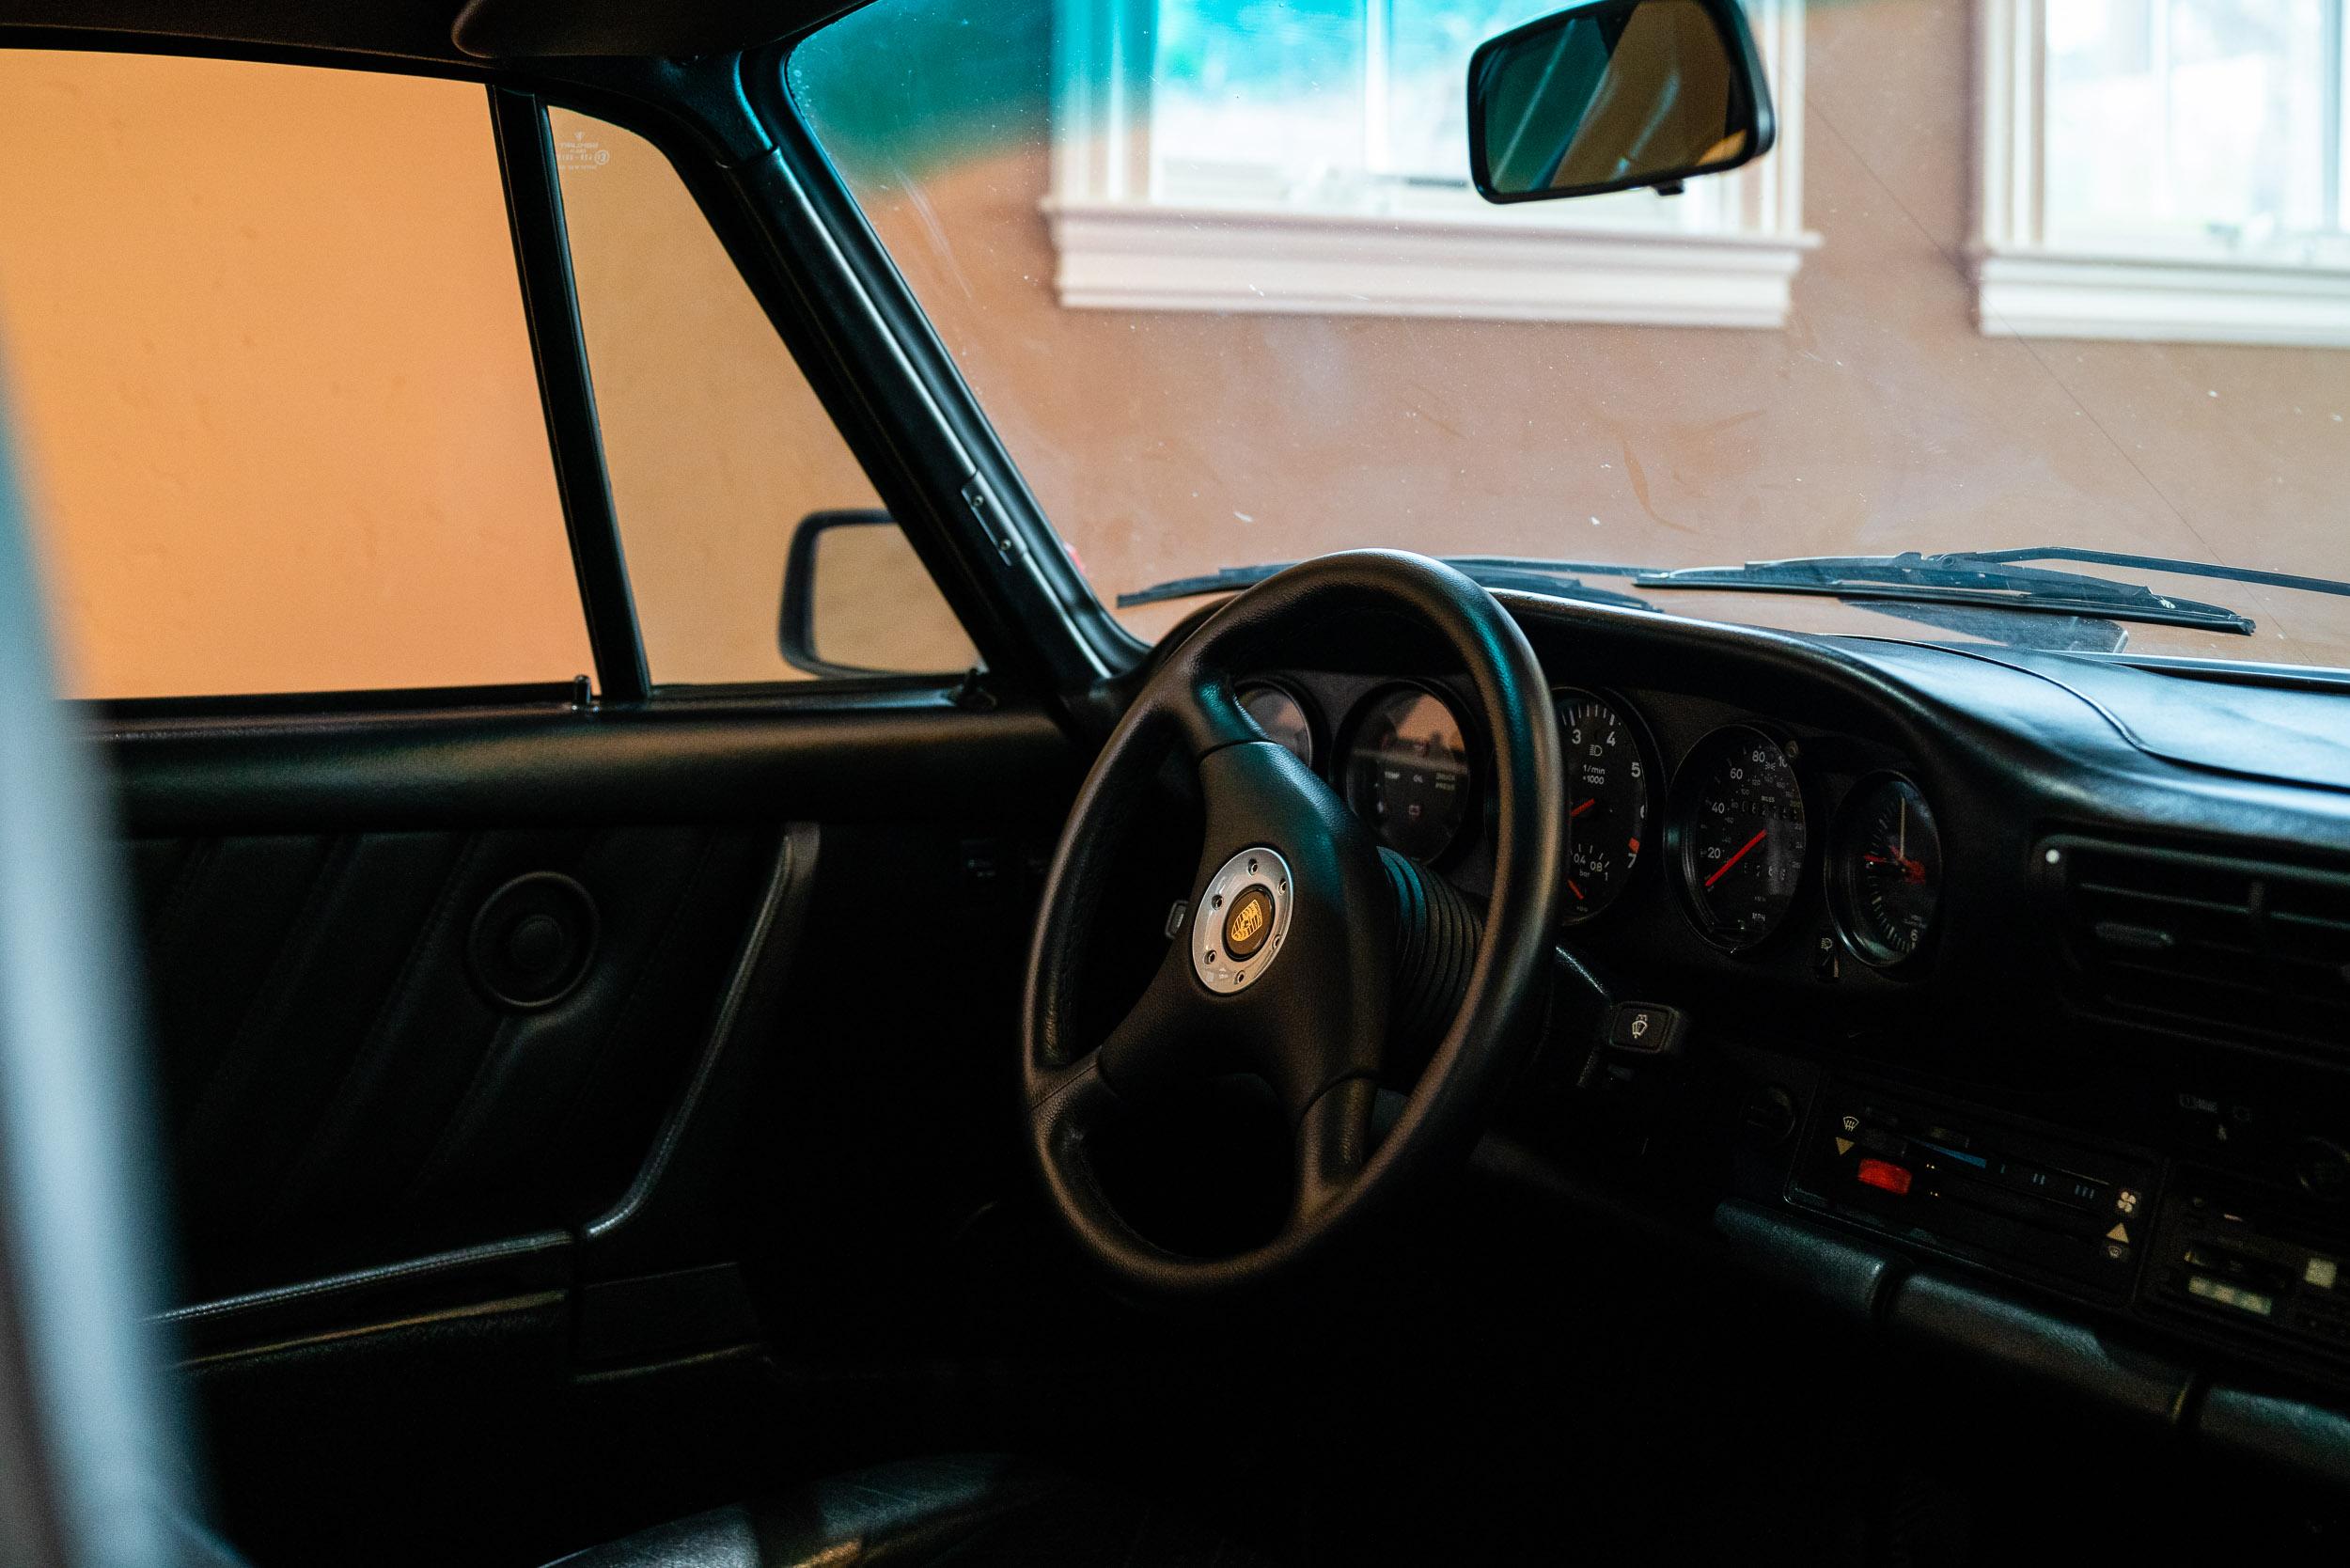 20190406-DSC05565-tcl-meet-930-interior.jpg